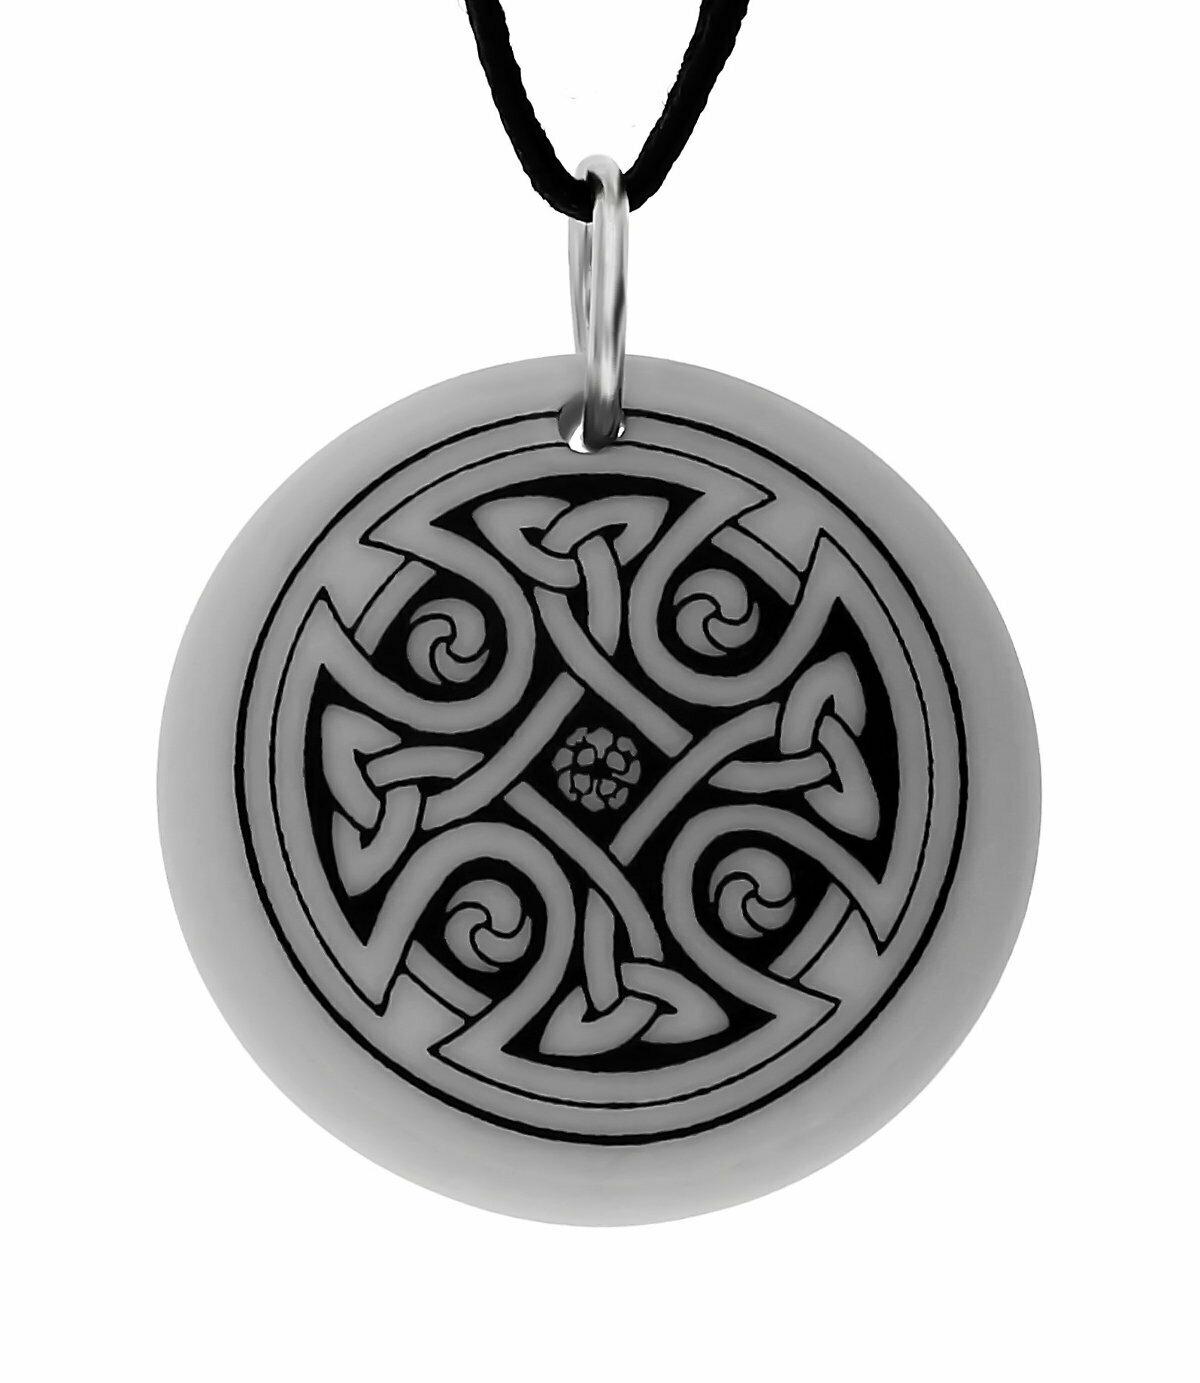 Celtic Cross Round Handmade Porcelain Pendant